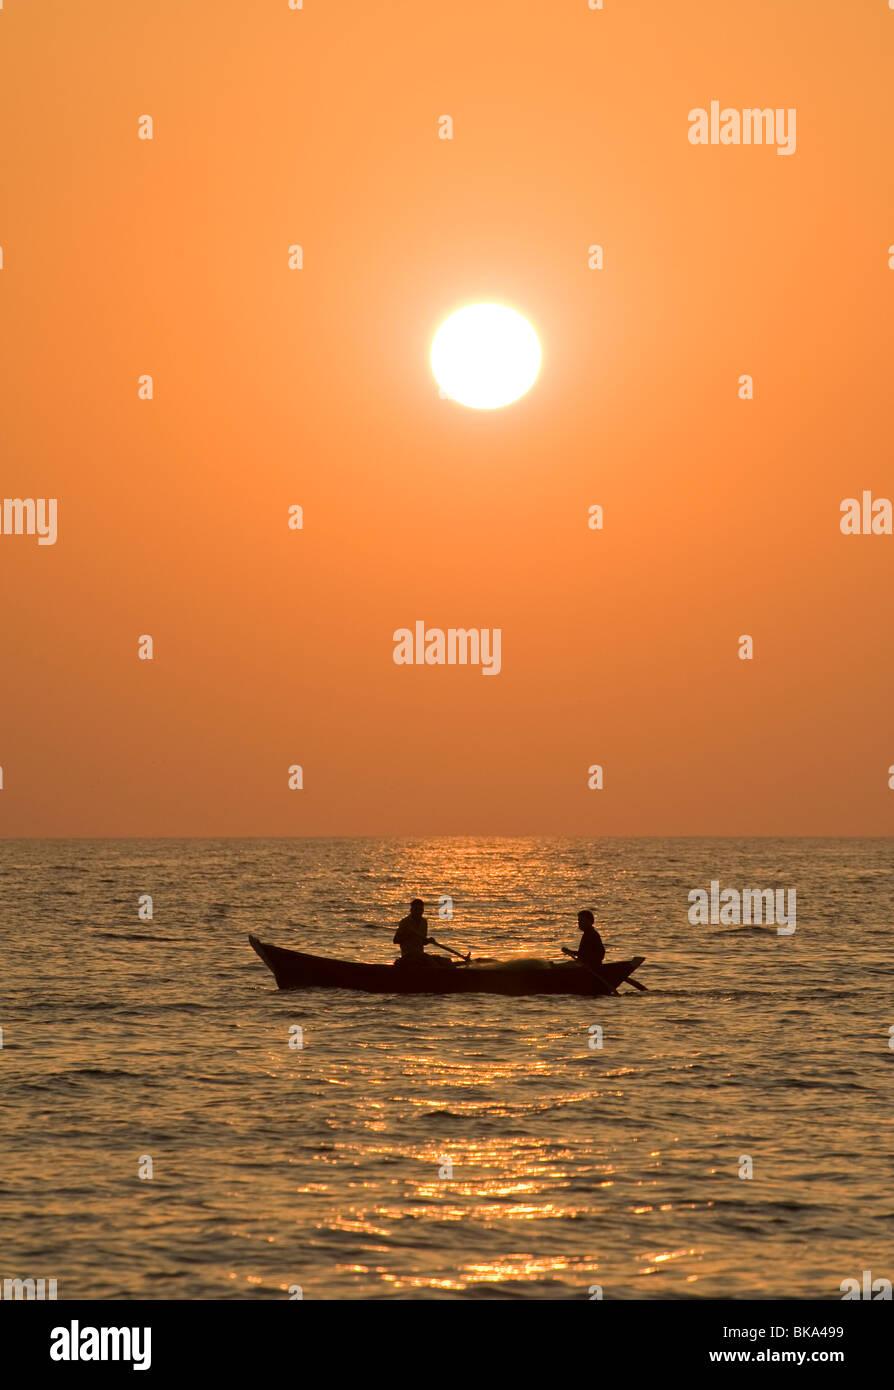 Deux personnes dans un bateau dans la mer au coucher du soleil Photo Stock